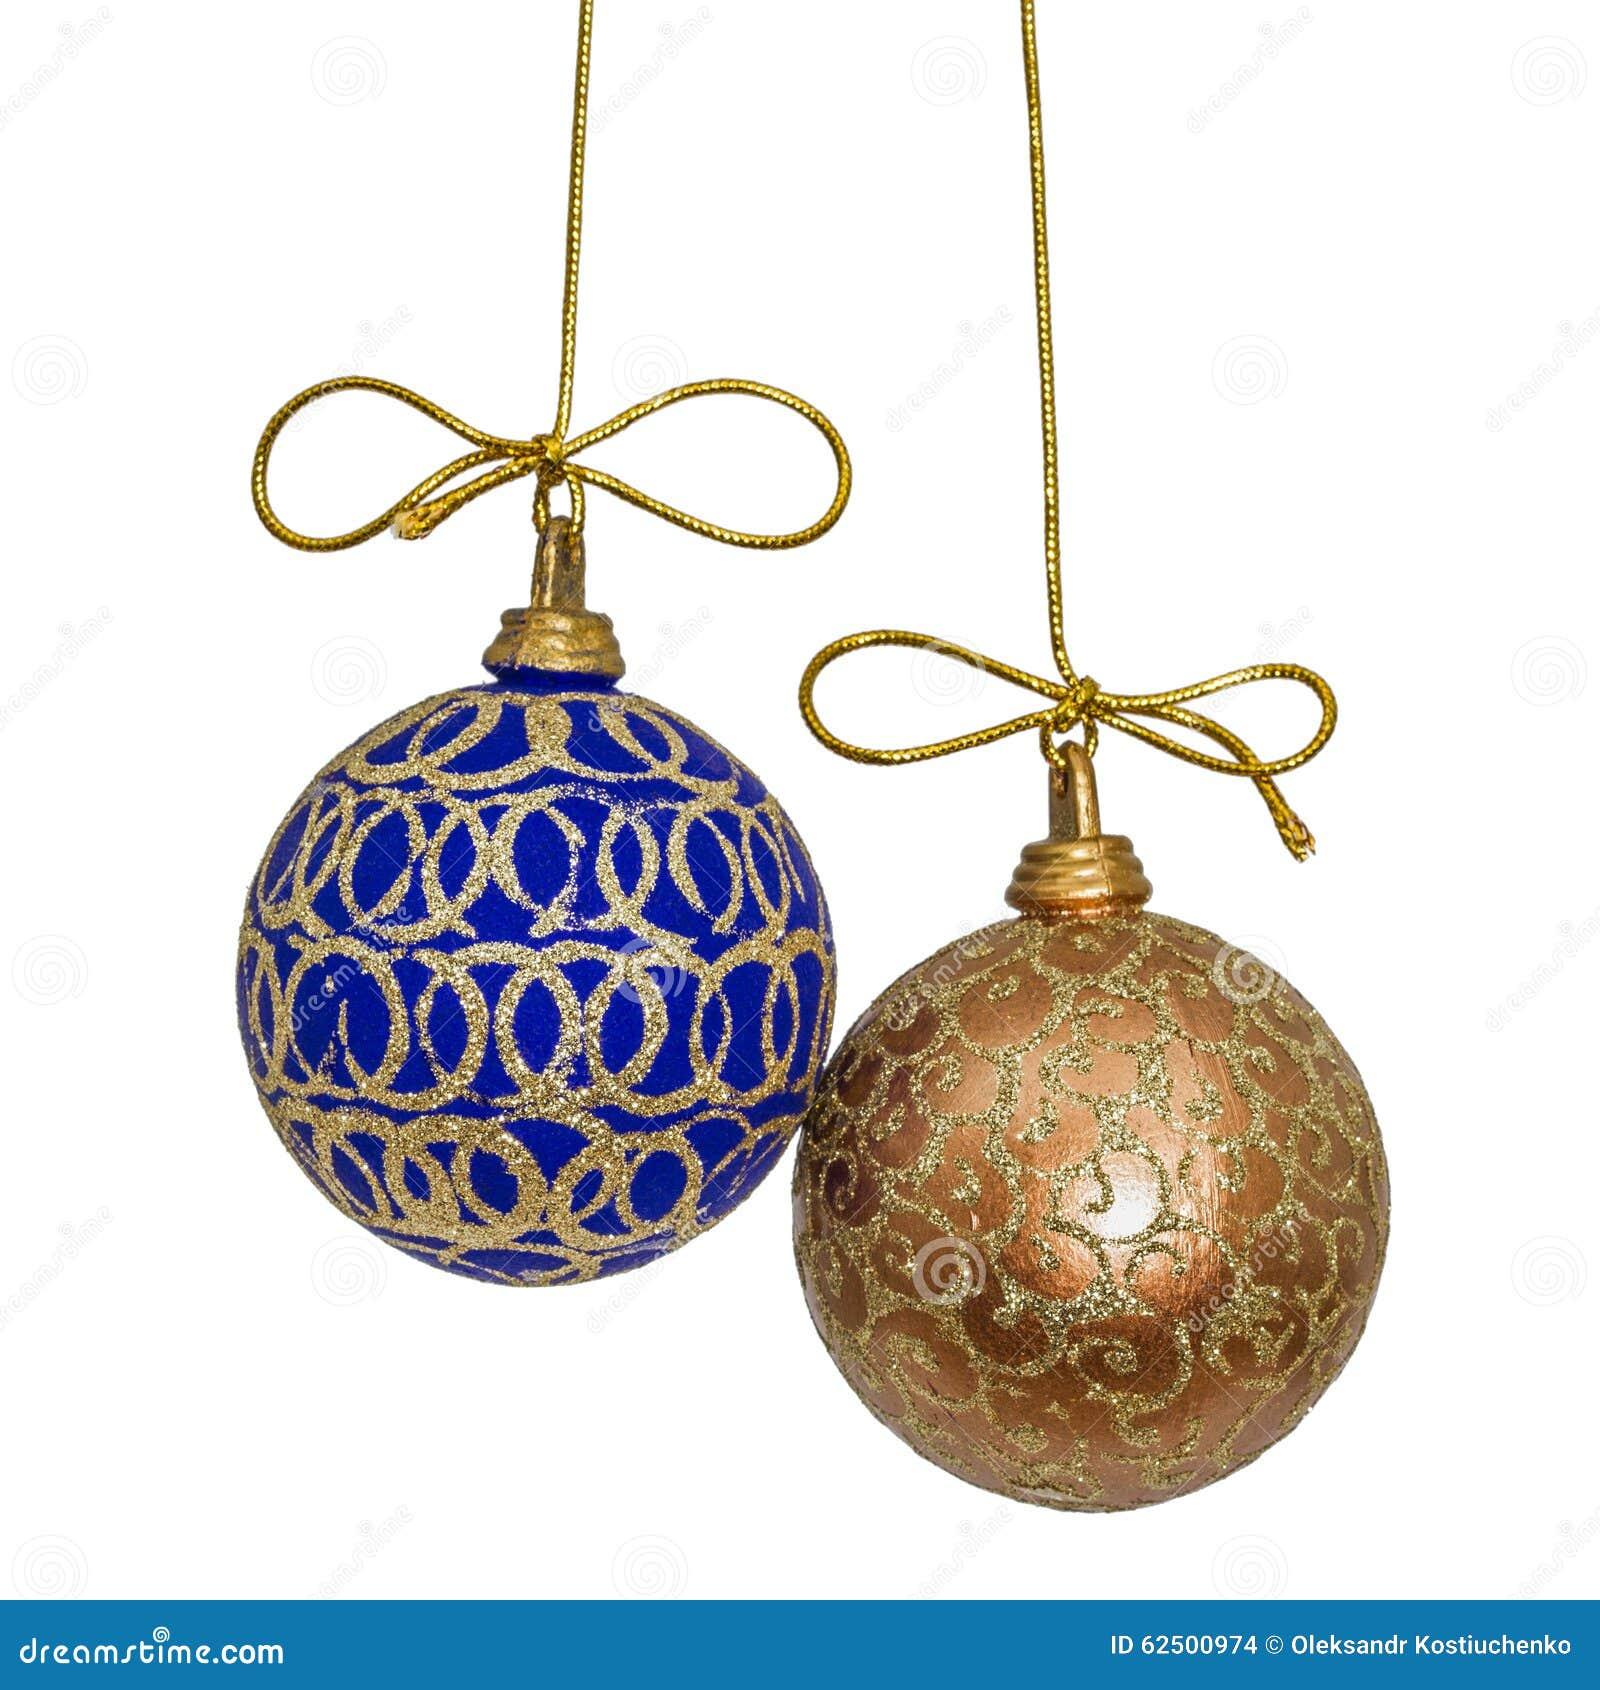 Le belle palle di natale sono sospese su un filo dell 39 oro - Decorazioni sospese ...